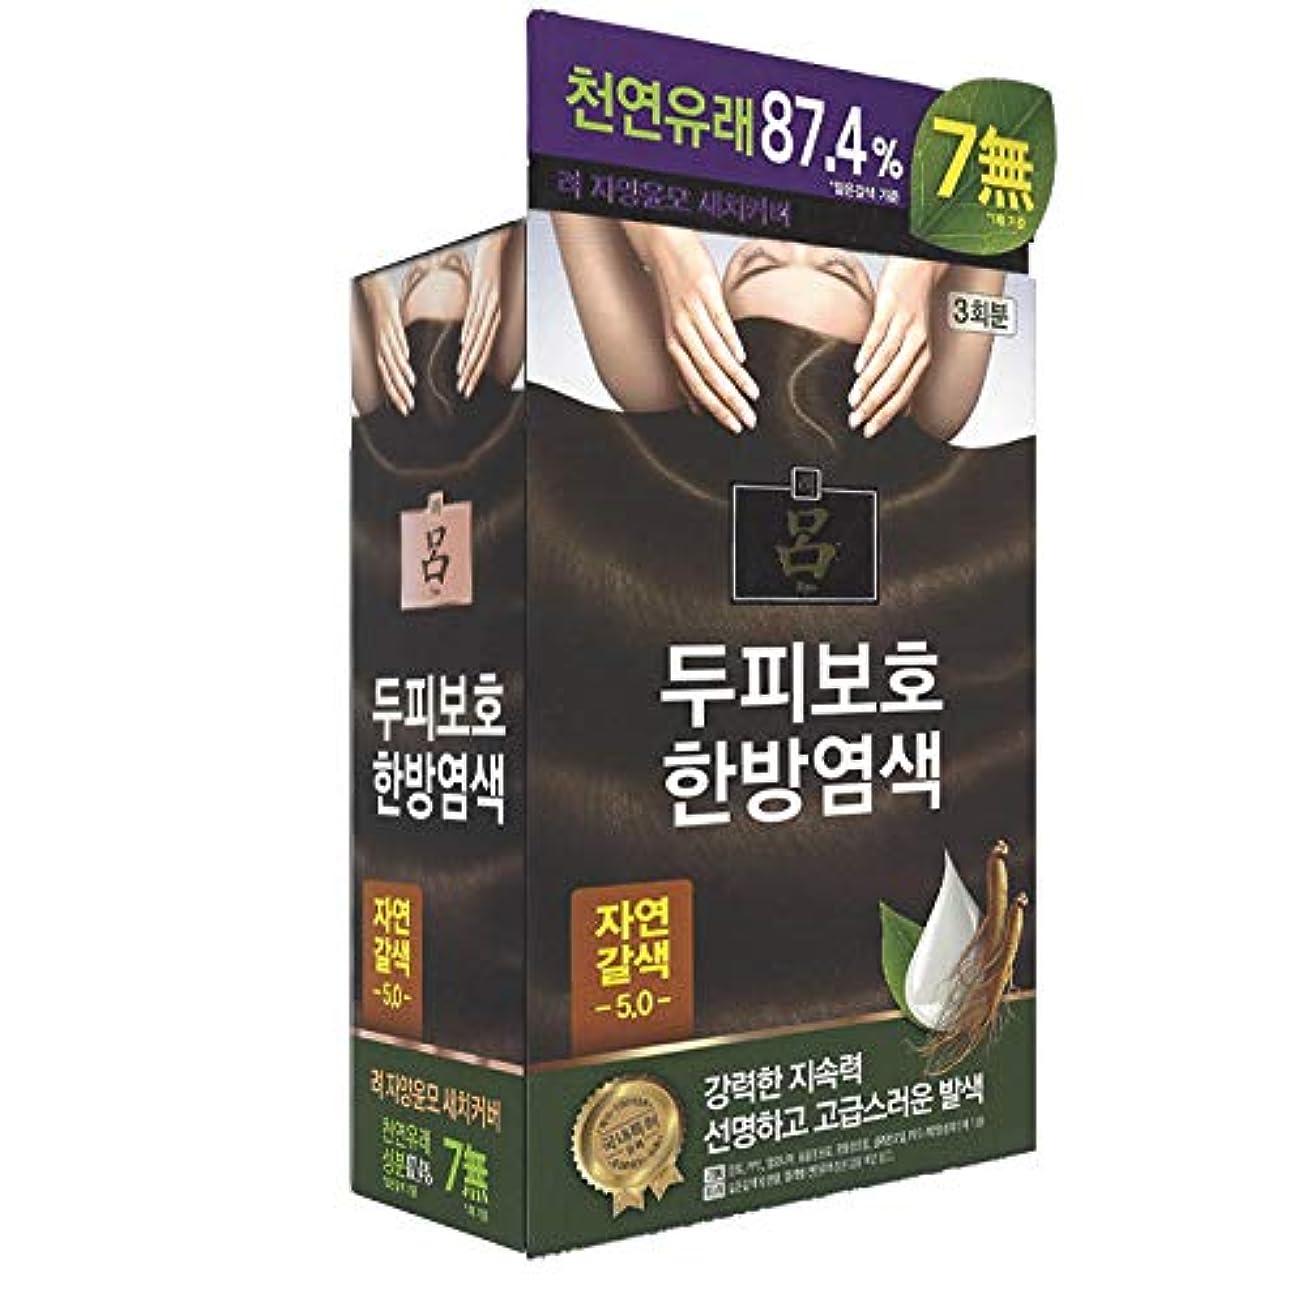 カエル工場パイントアモーレパシフィック呂[AMOREPACIFIC/Ryo] Jayang Yunmoグレーヘアカバー 5.0 ナチュラルブラウン(Natural Brown)